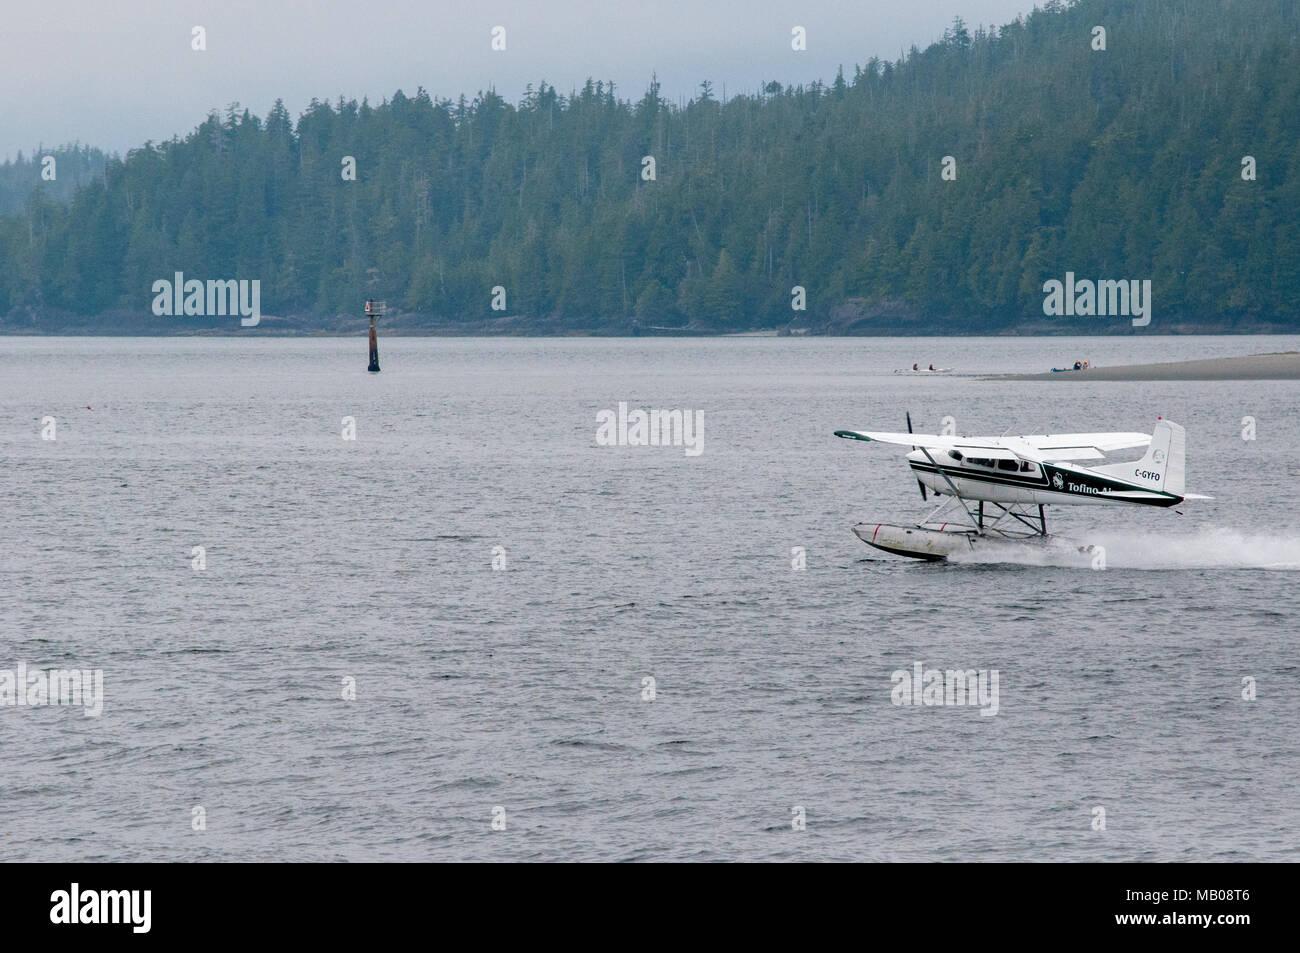 Sea Planes Landing Vancouver Island